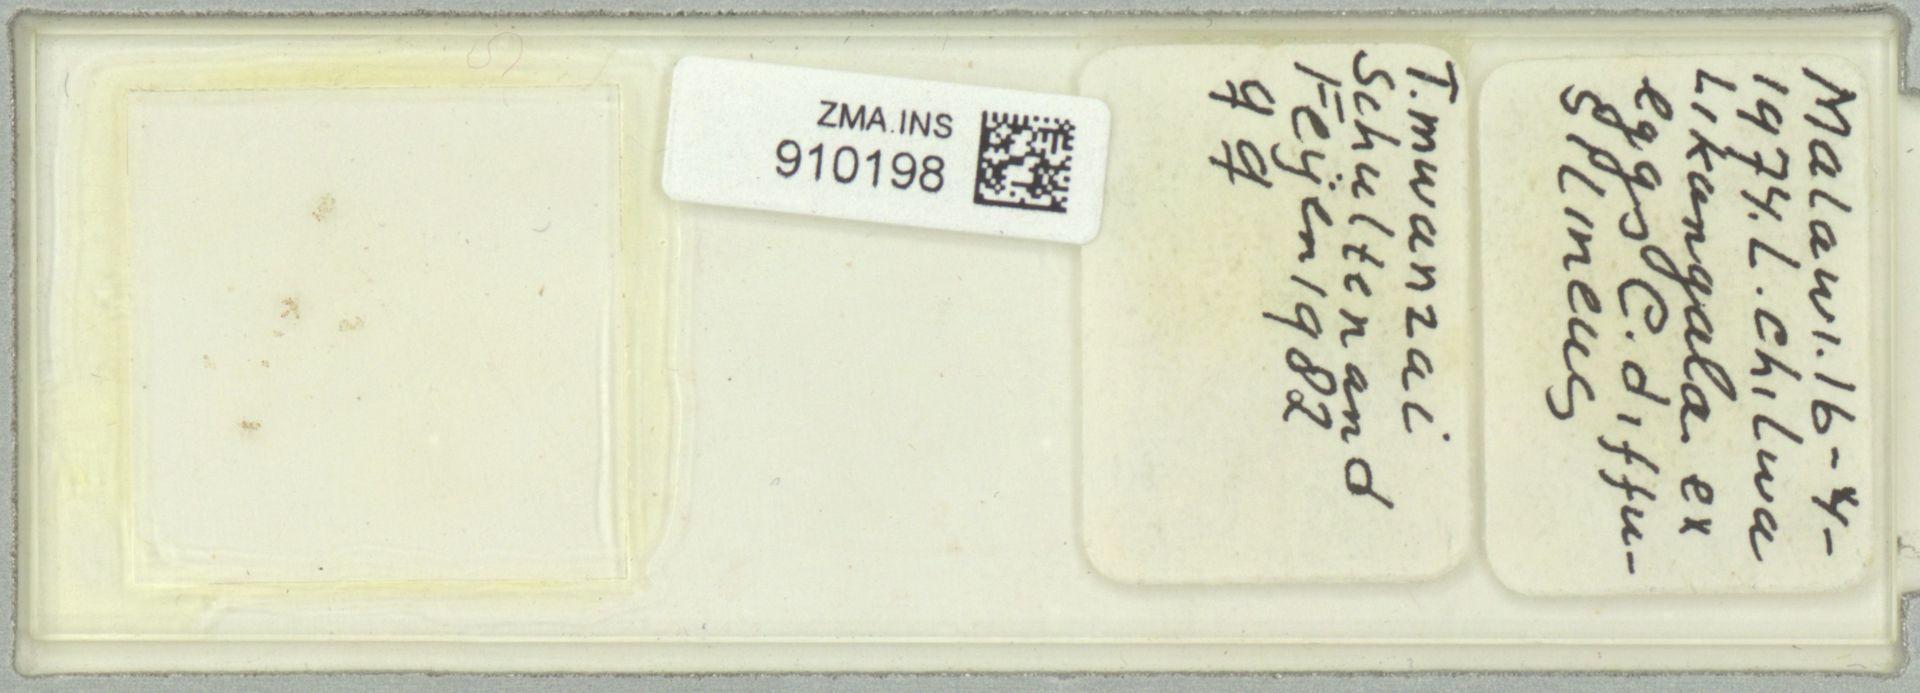 ZMA.INS.910198 | Trichogramma mwanzai Schulten and Feijen 1982